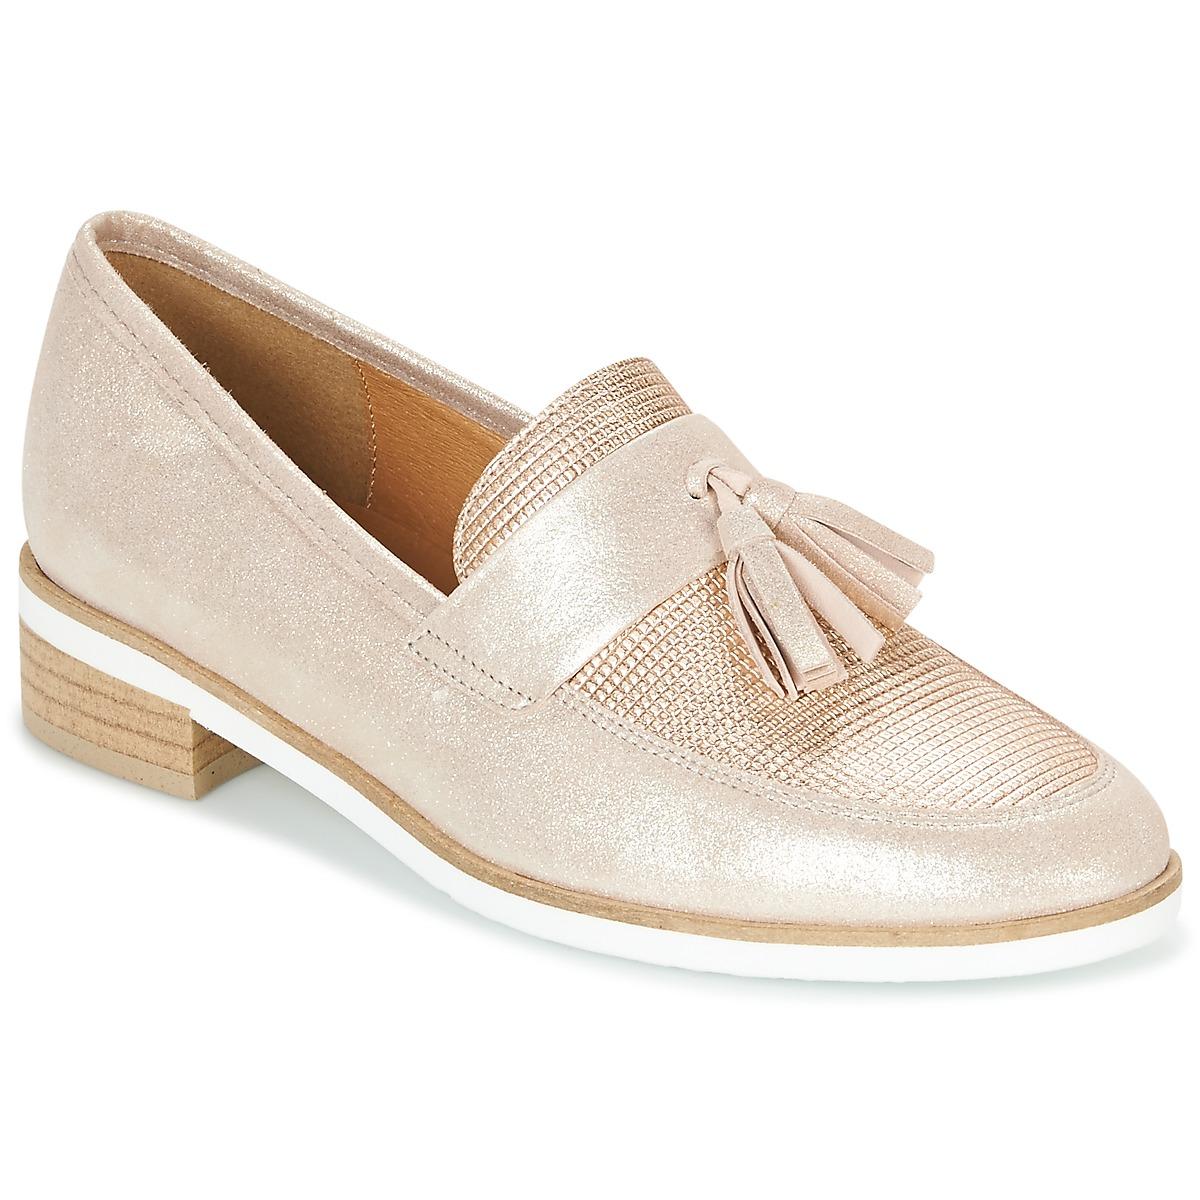 Karston JICOLO Gold - Kostenloser Versand bei Spartoode ! - Schuhe Slipper Damen 83,90 €